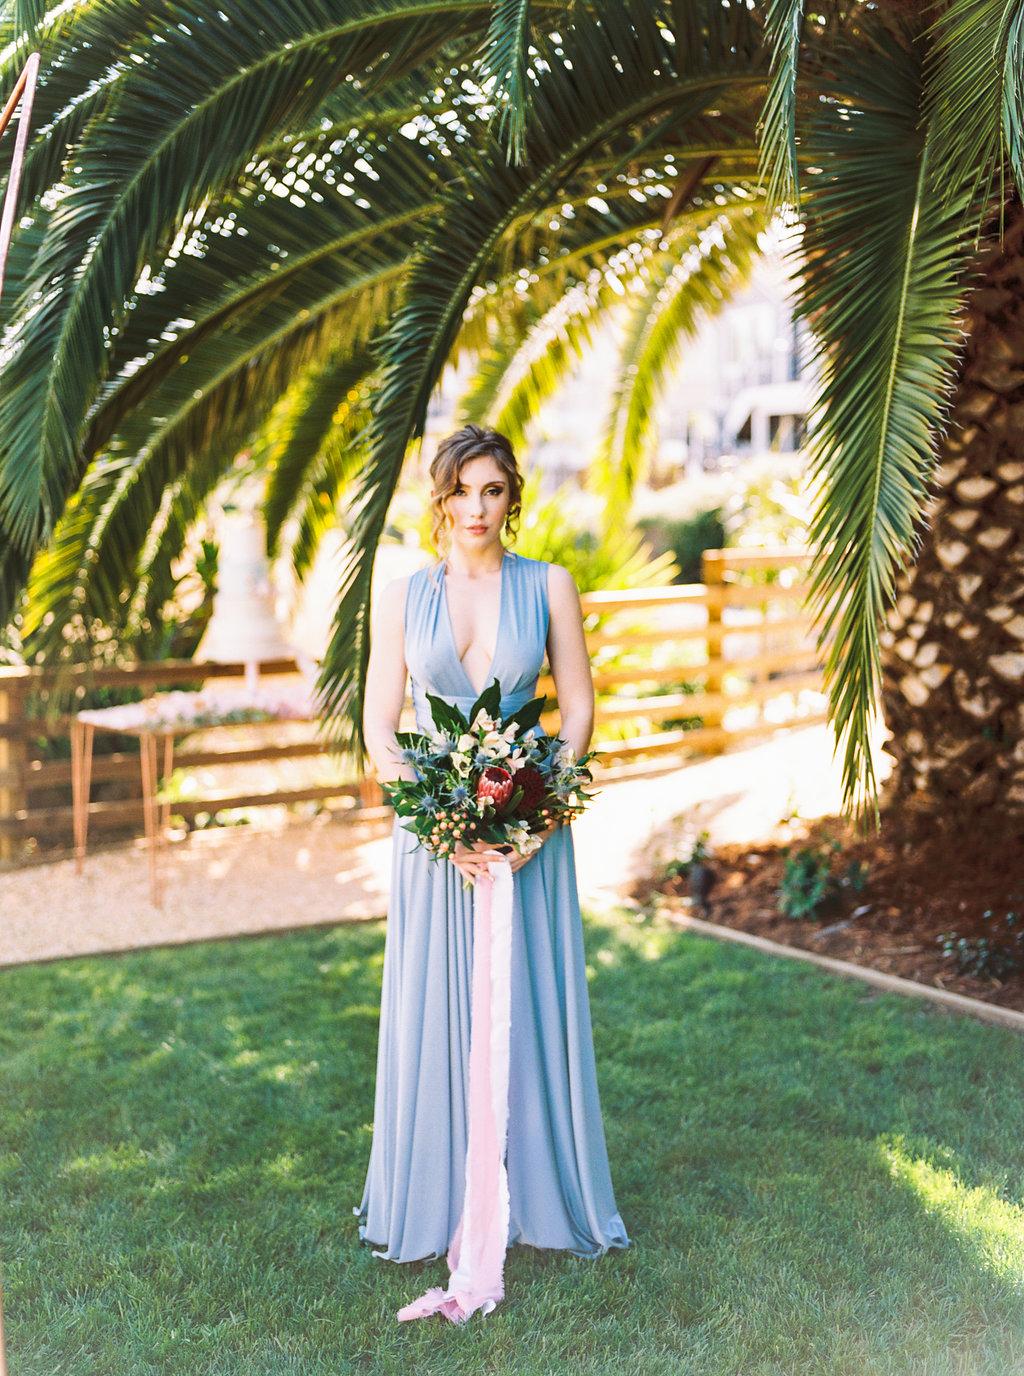 Glamping Styled Shoot - Olivia Richards Photography